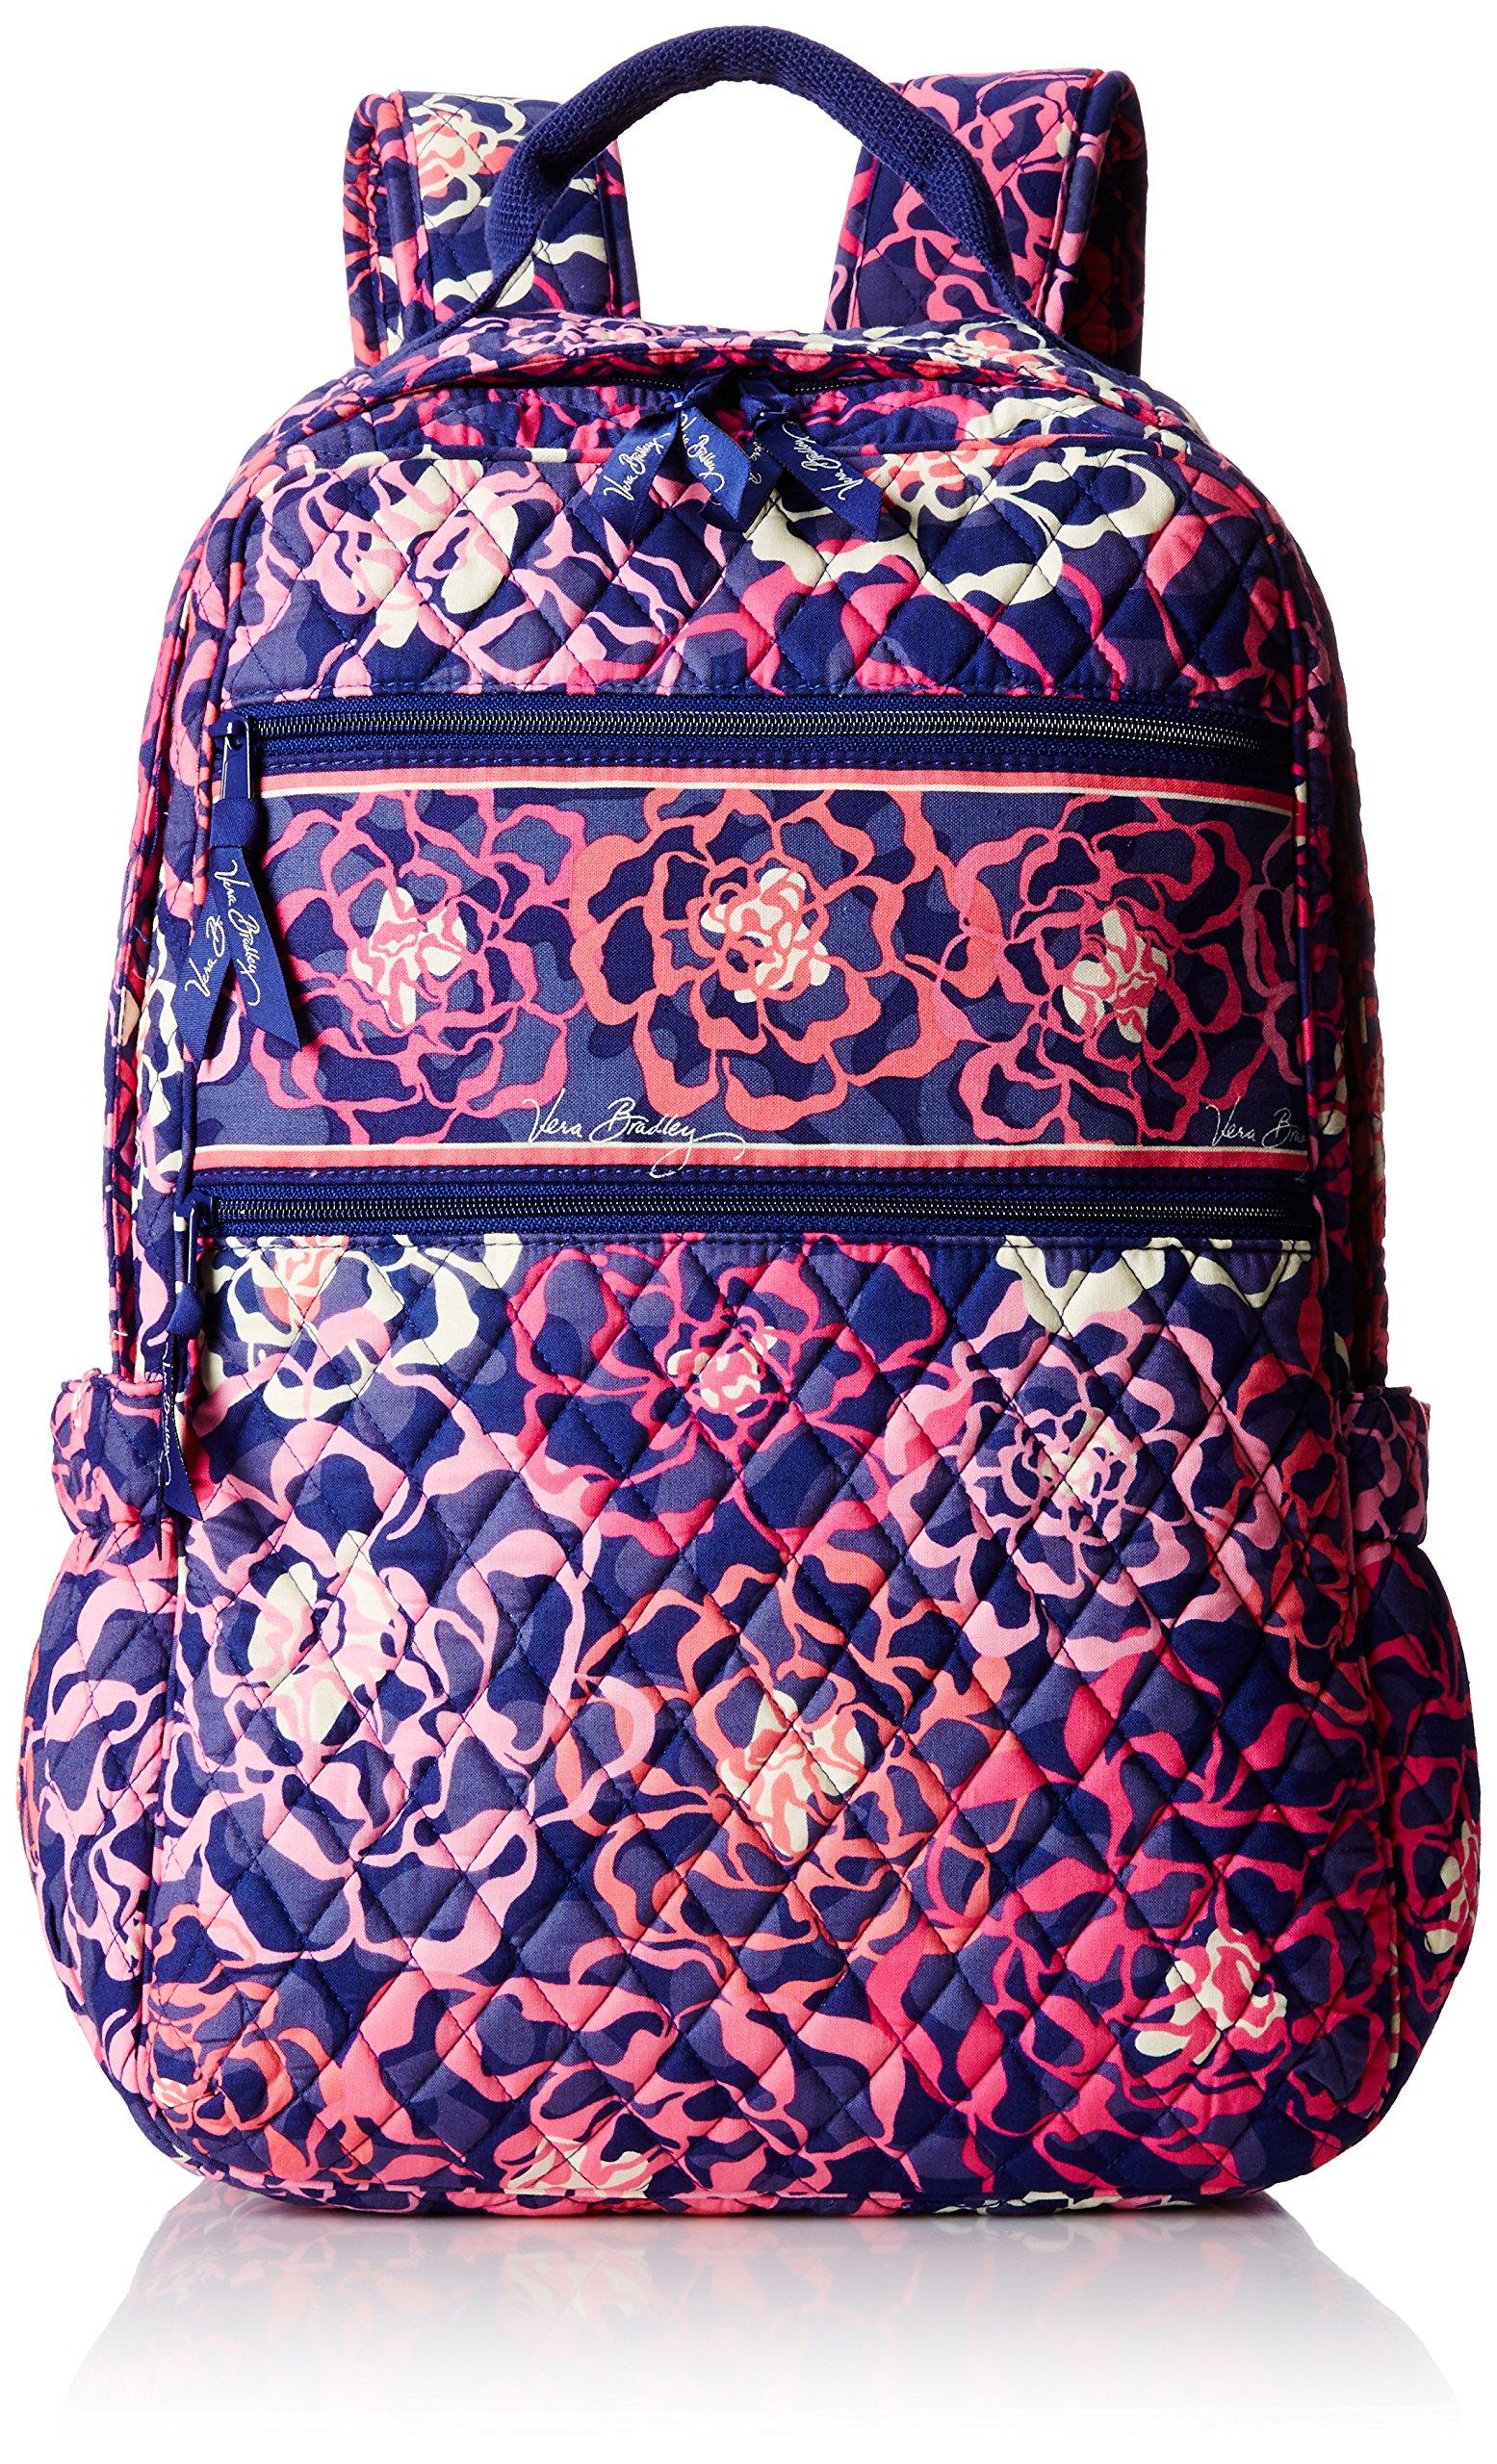 Vera Bradley Tech Backpack Shoulder Handbag, Katalina Pink, One Size